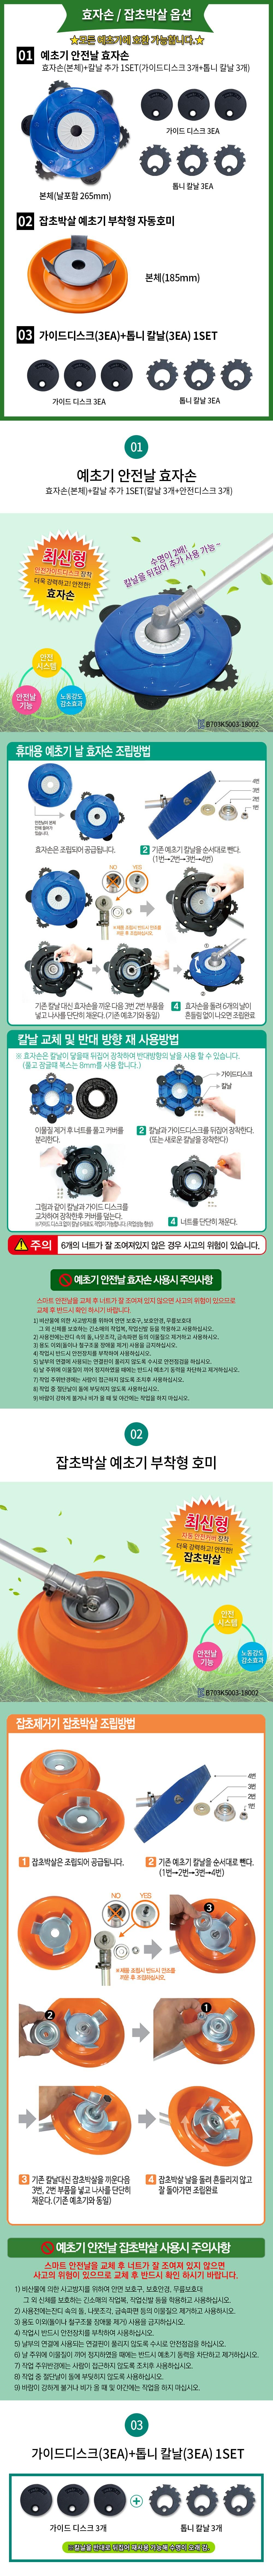 효자손+잡초박살(옵션(.jpg